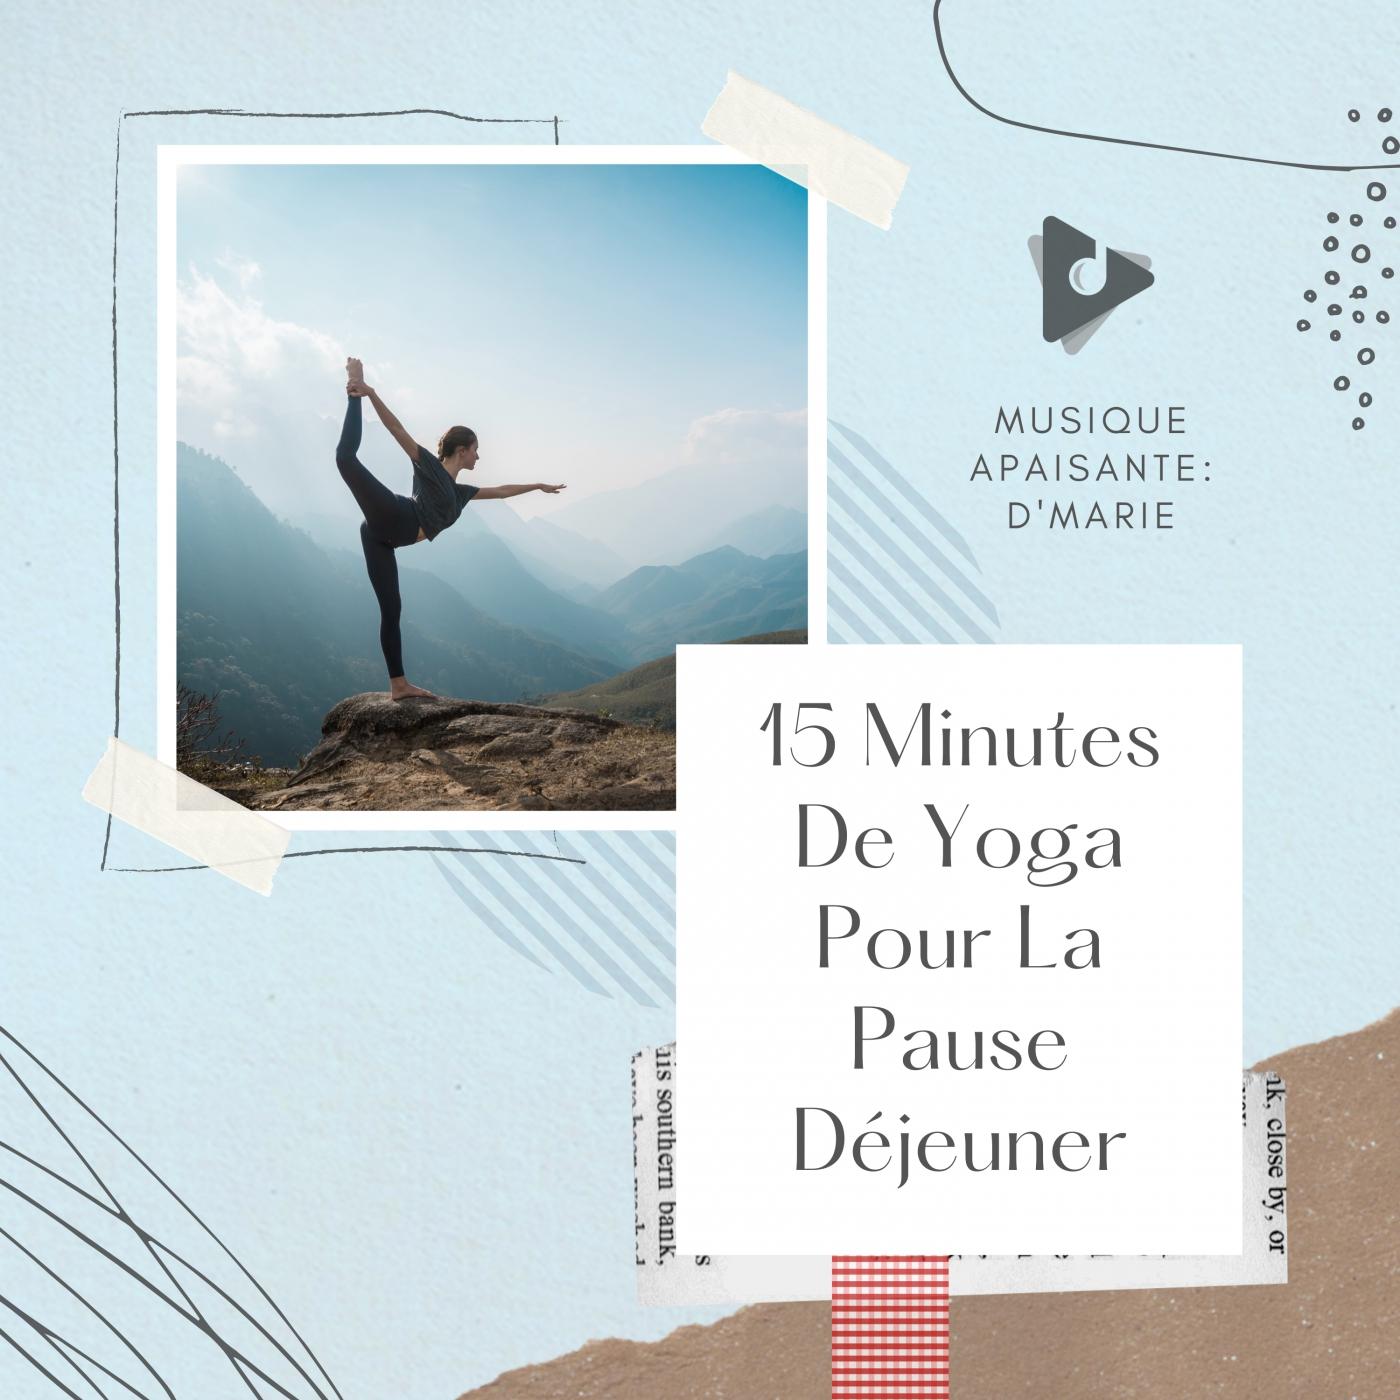 15 Minutes De Yoga Pour La Pause Déjeuner